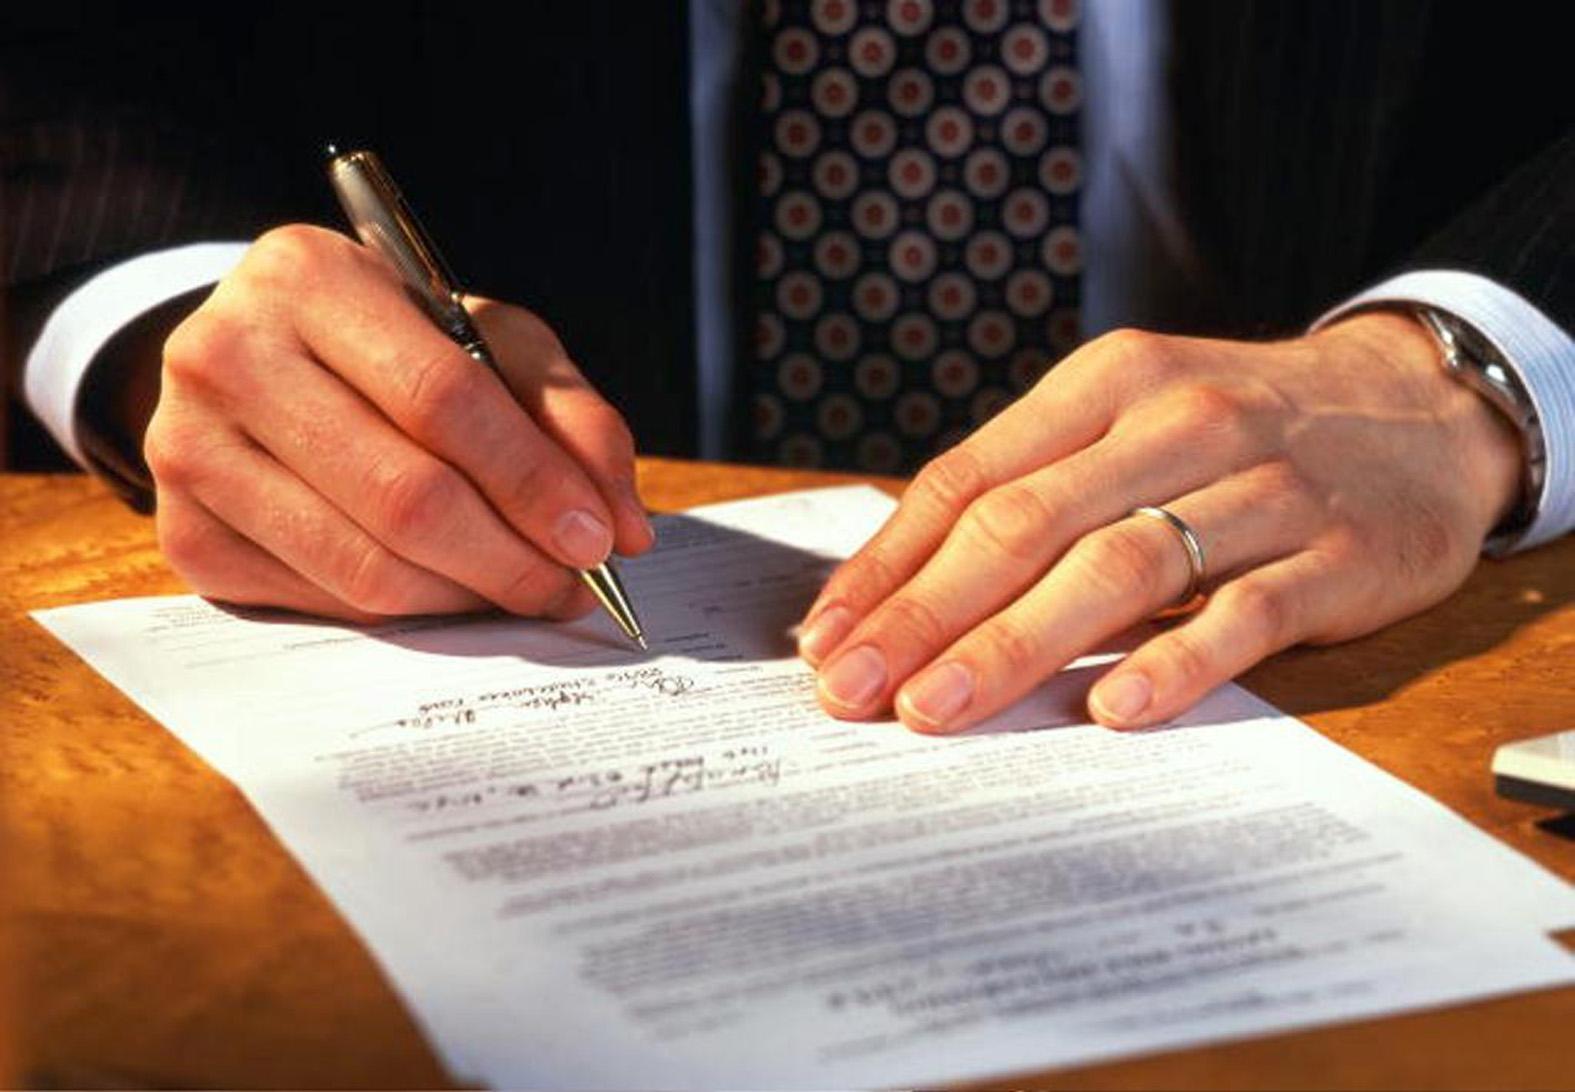 Дополнительные условия включенные в трудовой договор могут